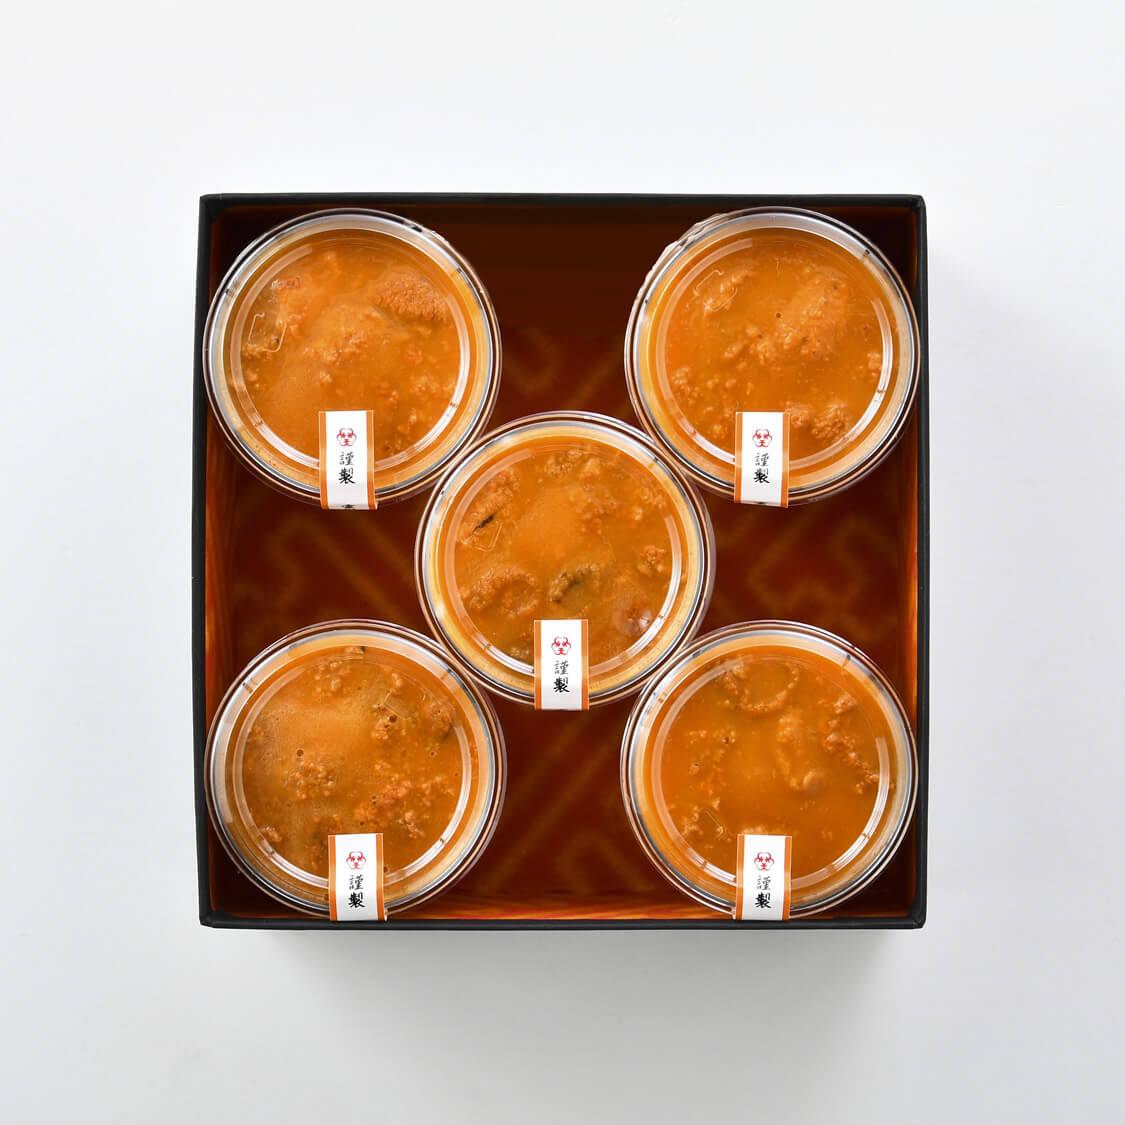 雲丹あわせ冷製豆乳茶碗蒸し5食分詰合